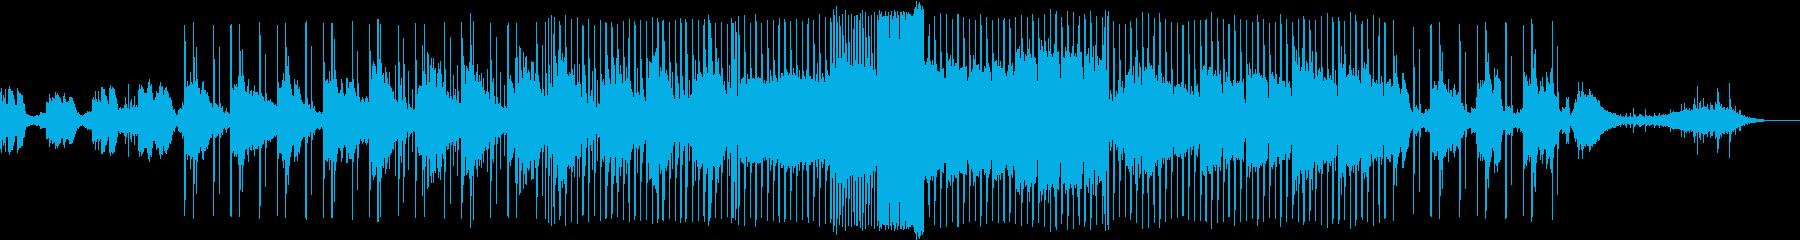 ダークでアップチューンなEDM風のBGMの再生済みの波形